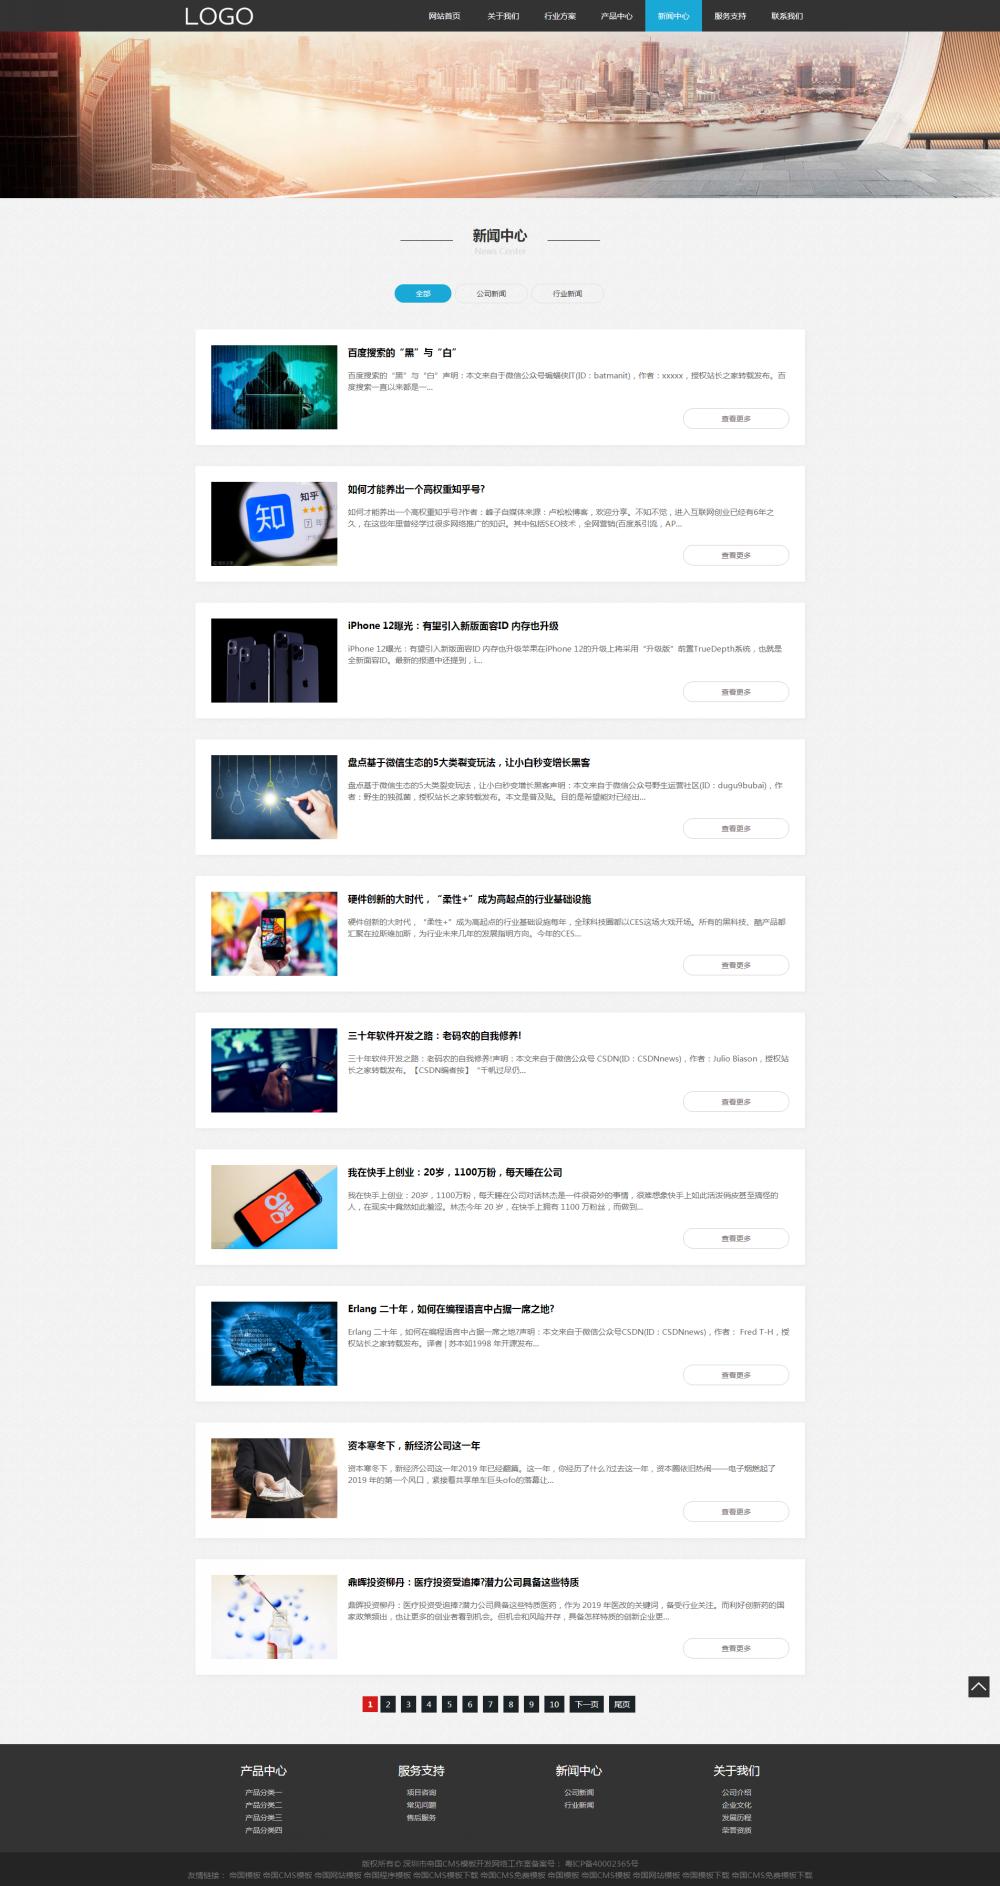 5新闻中心.png [DG-0138]帝国CMS响应式艺术设计类帝国cms模板,高端创意设计公司帝国网站源码 企业模板 第5张